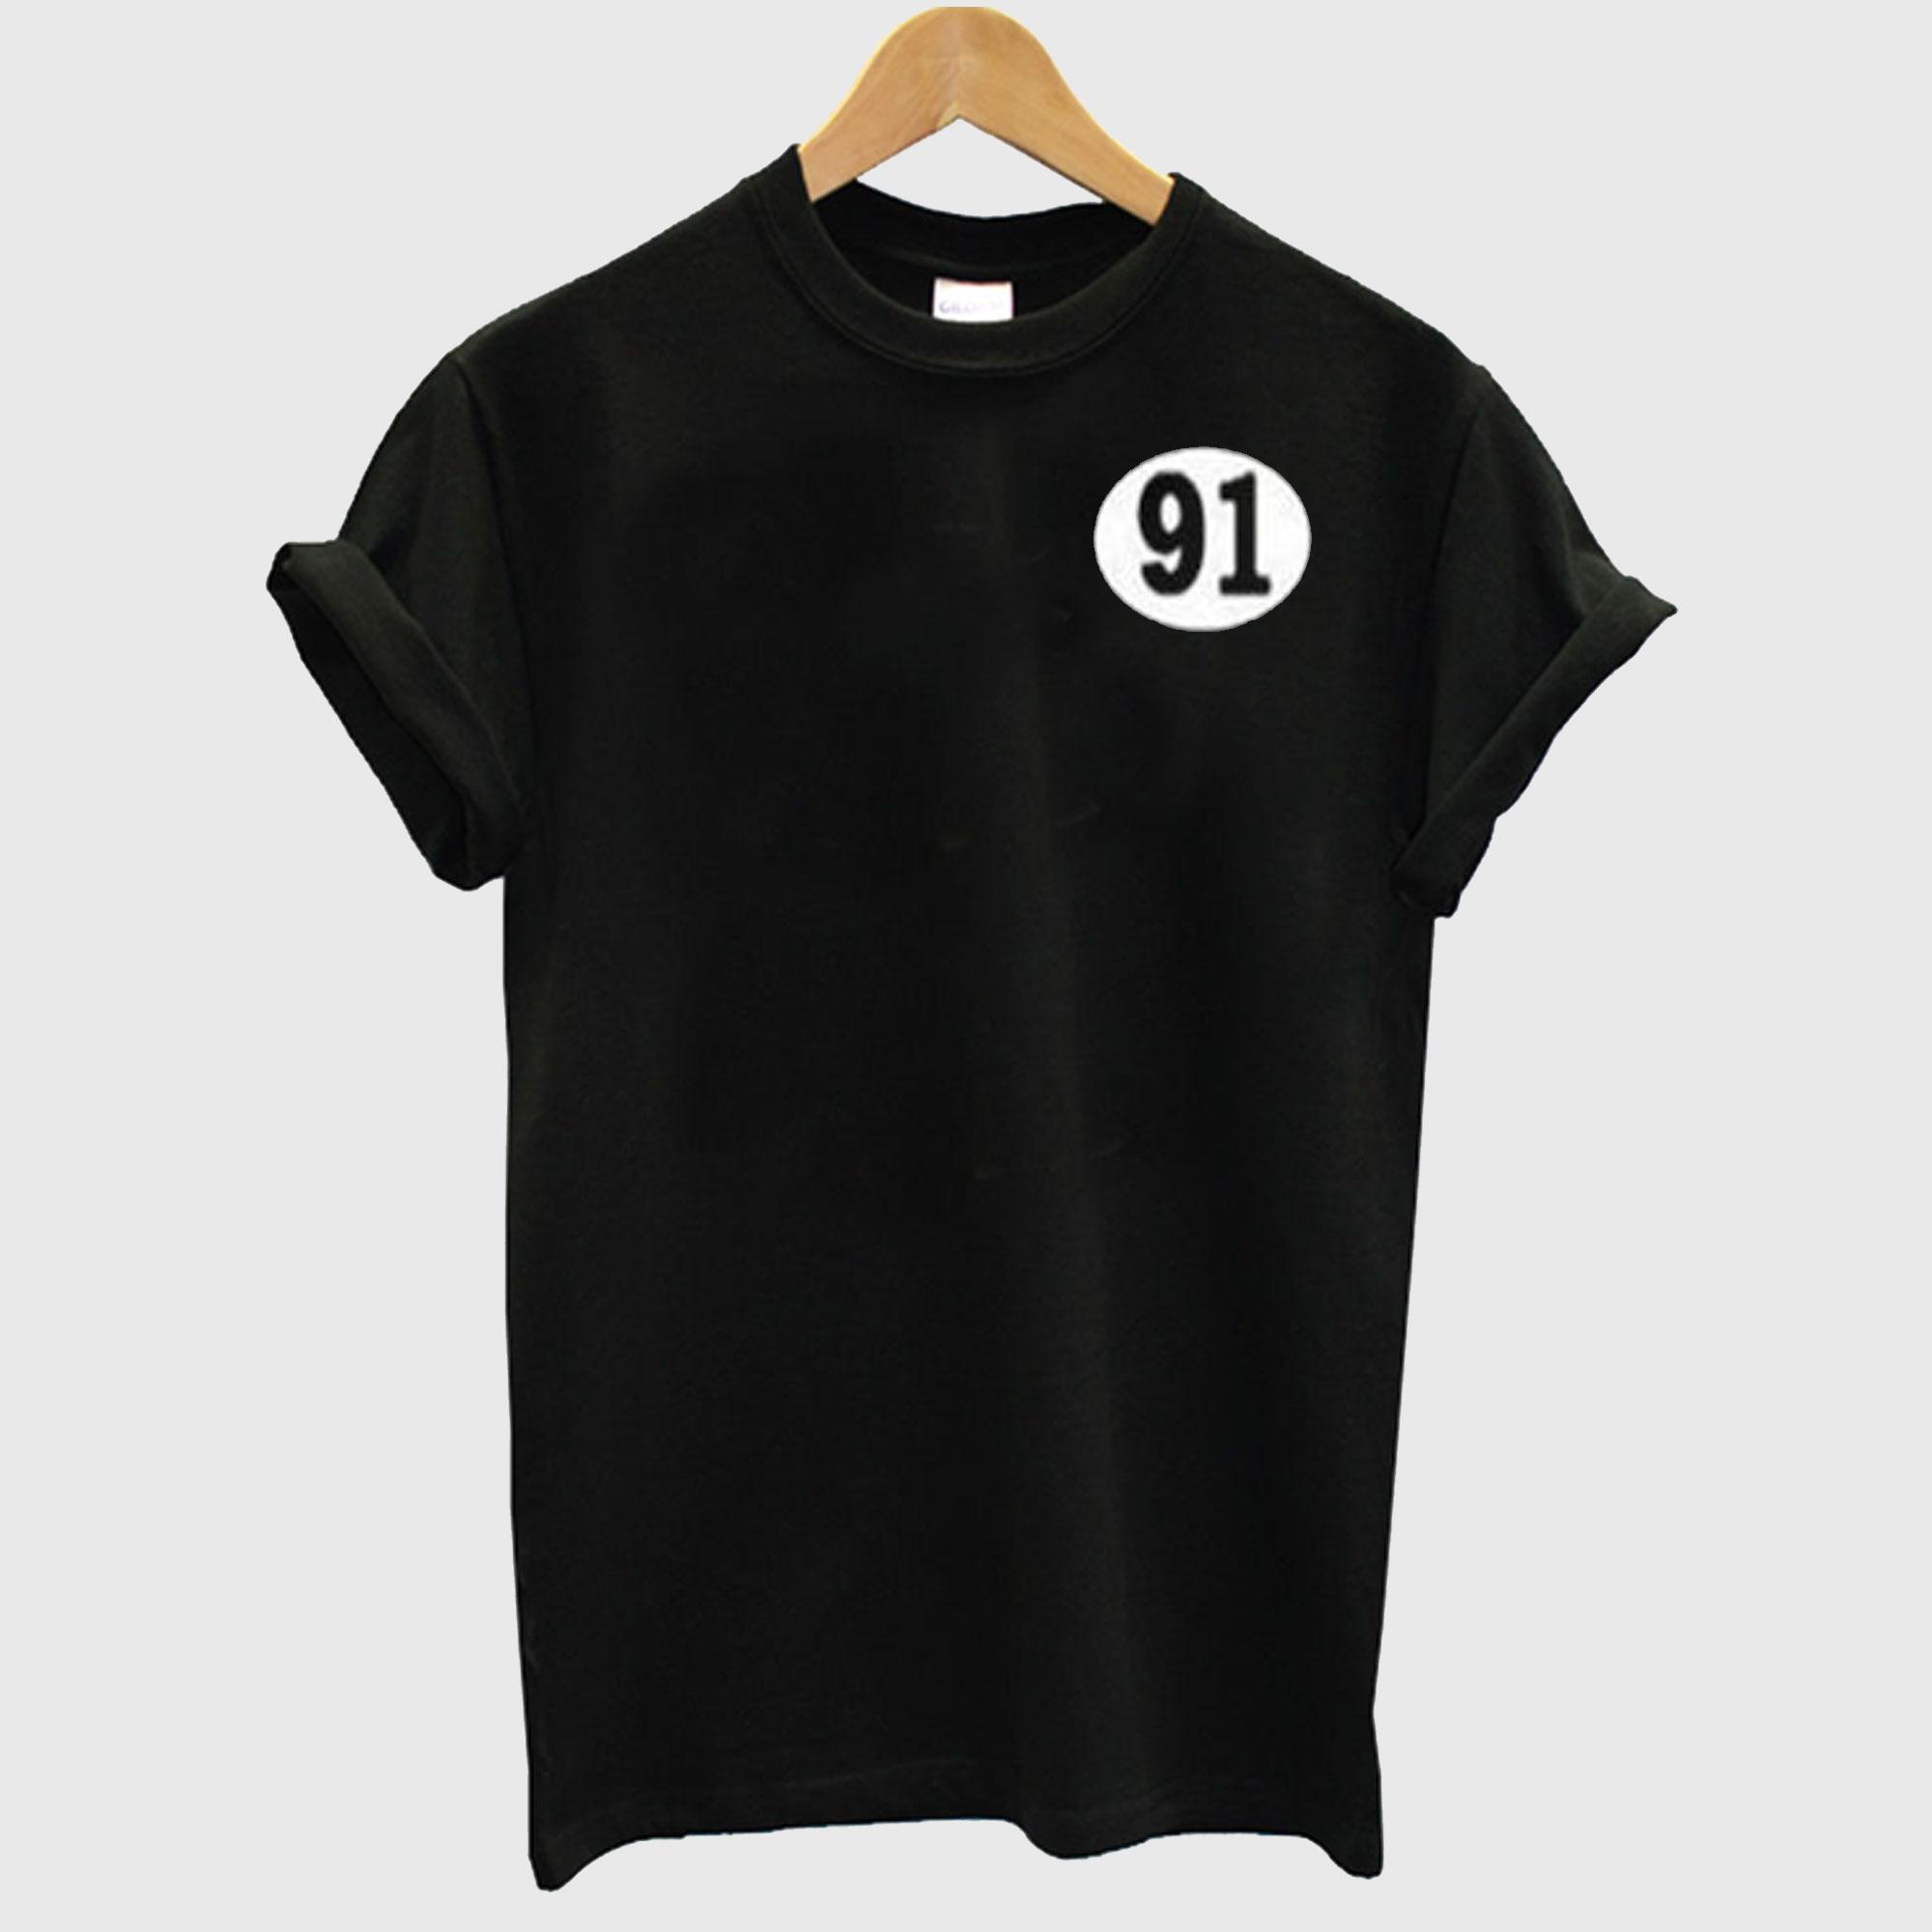 91 T-Shirt